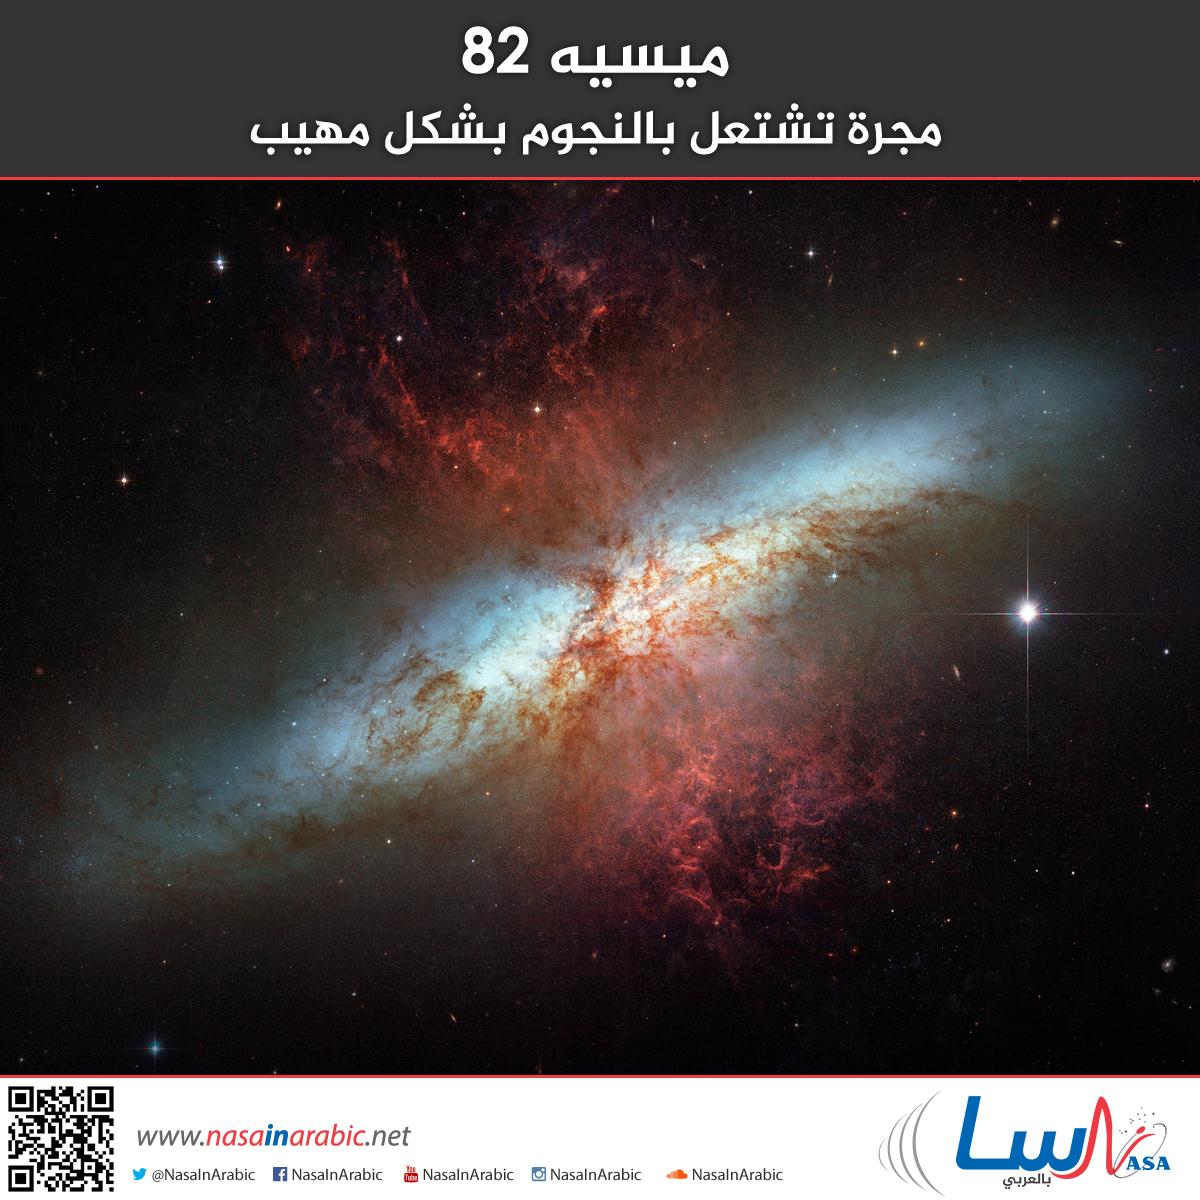 ميسيه 82: مجرة تشتعل بالنجوم بشكل مهيب